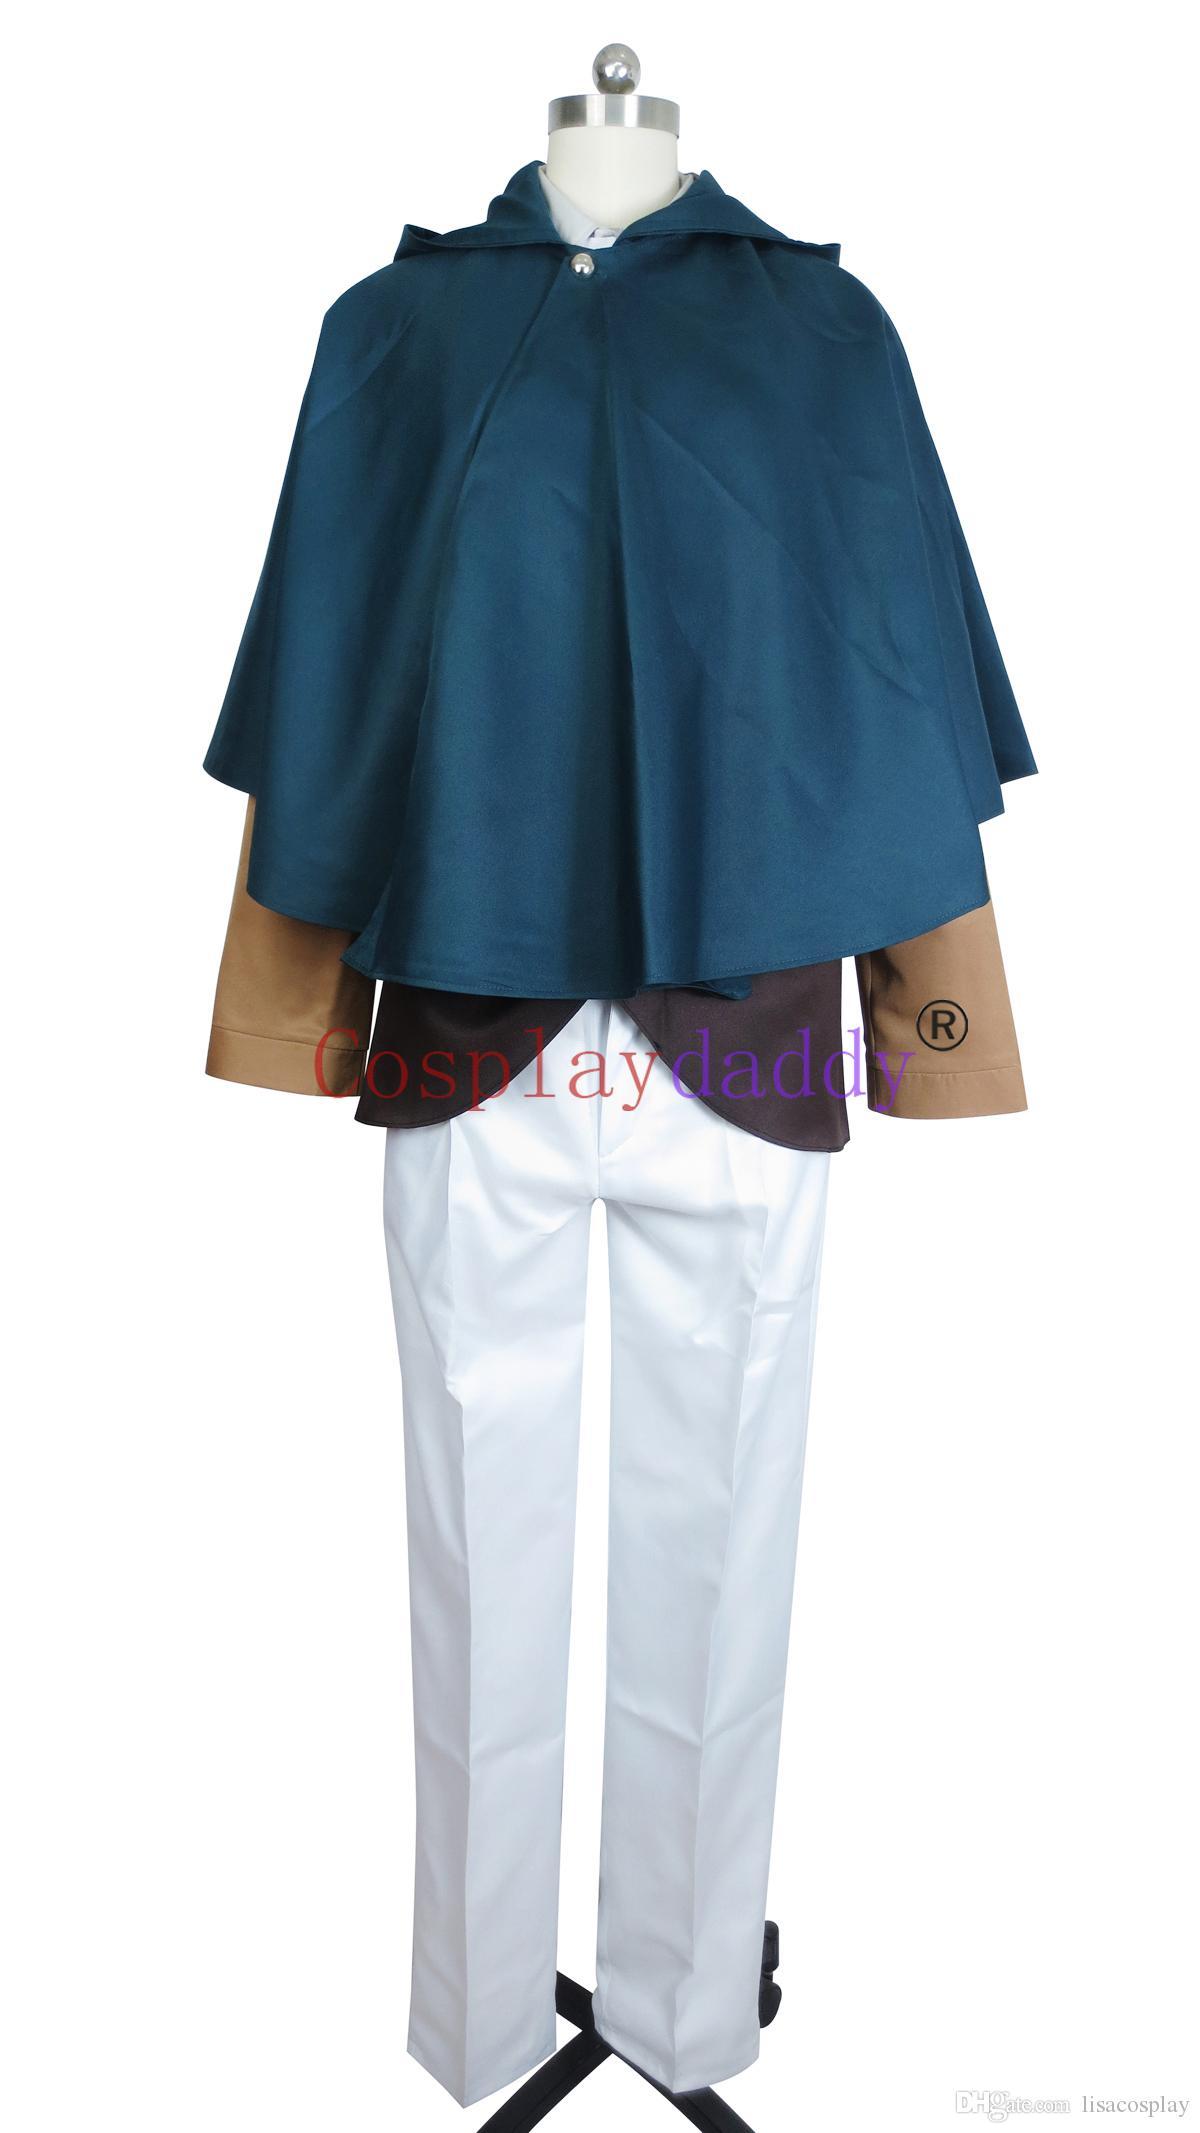 Attack on Titan Survey Corps Dororo Levi Cosplay Costume + Cloak E001